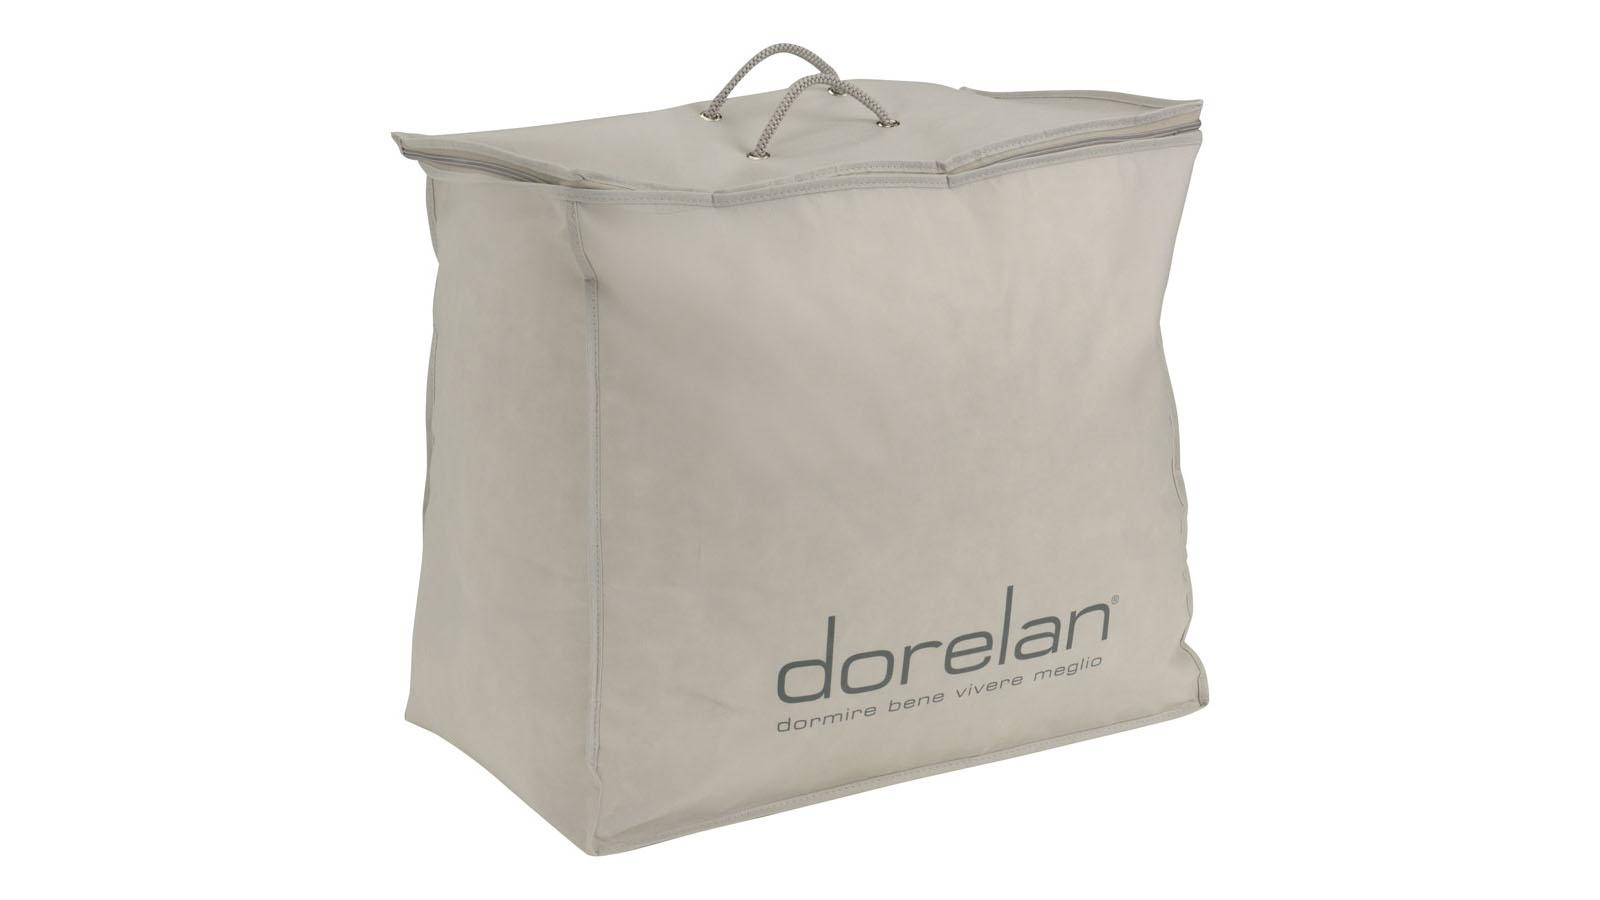 sacche protettive per trapunte e cuscini per hotel | dorelan hotel